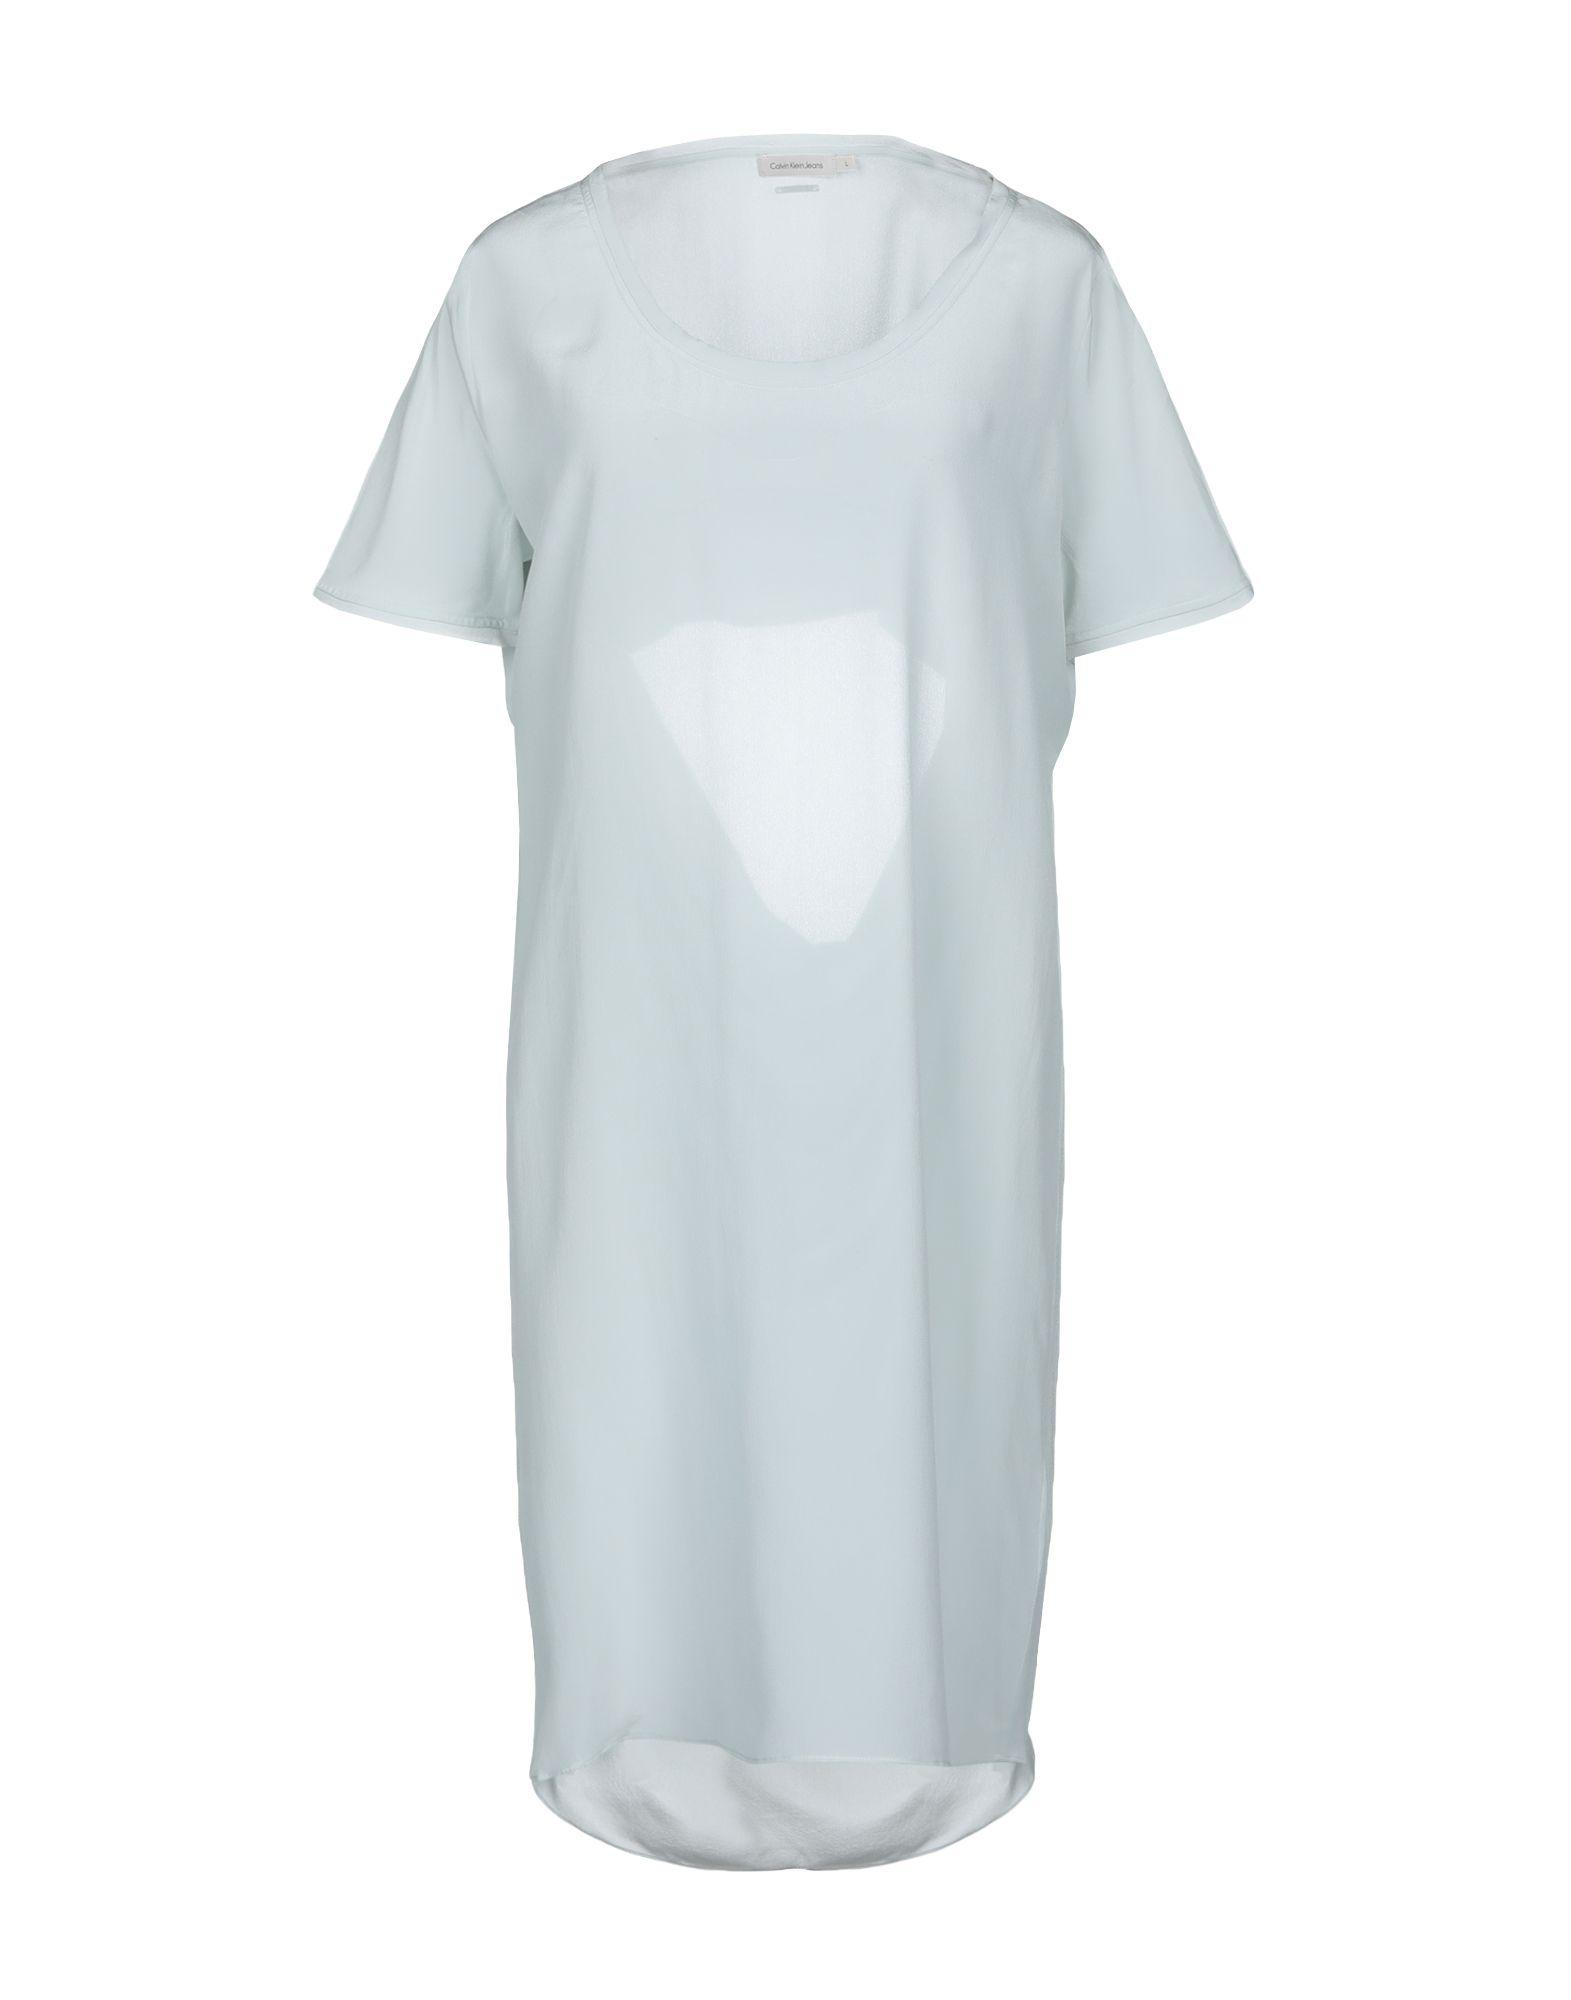 CALVIN KLEIN JEANS Короткое платье calvin klein jeans короткое платье